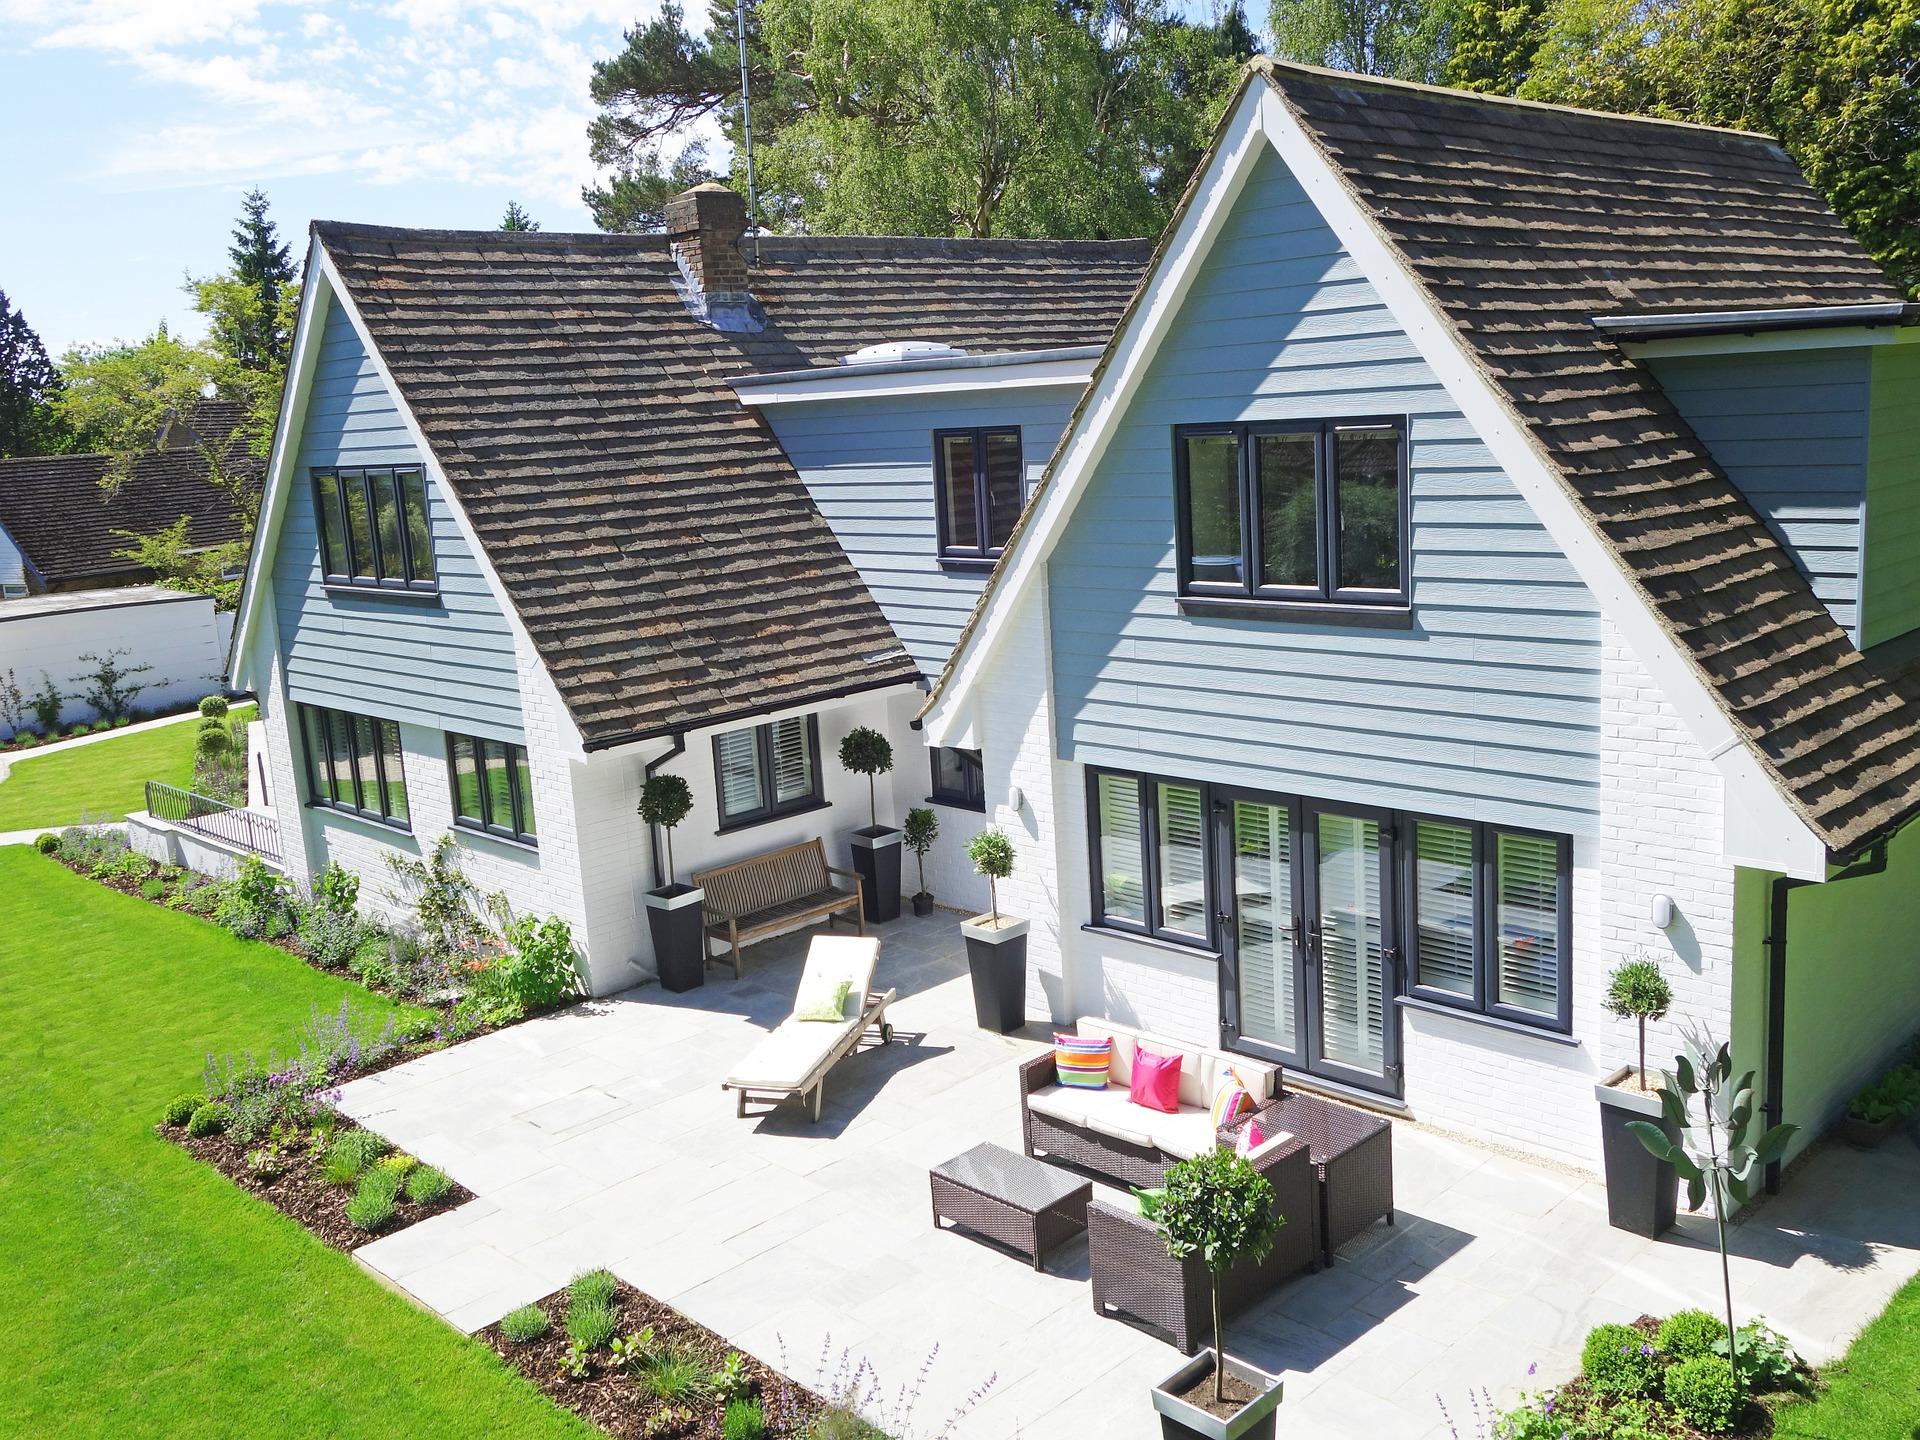 Les 5 étapes pour bien acheter votre bien immobilier !